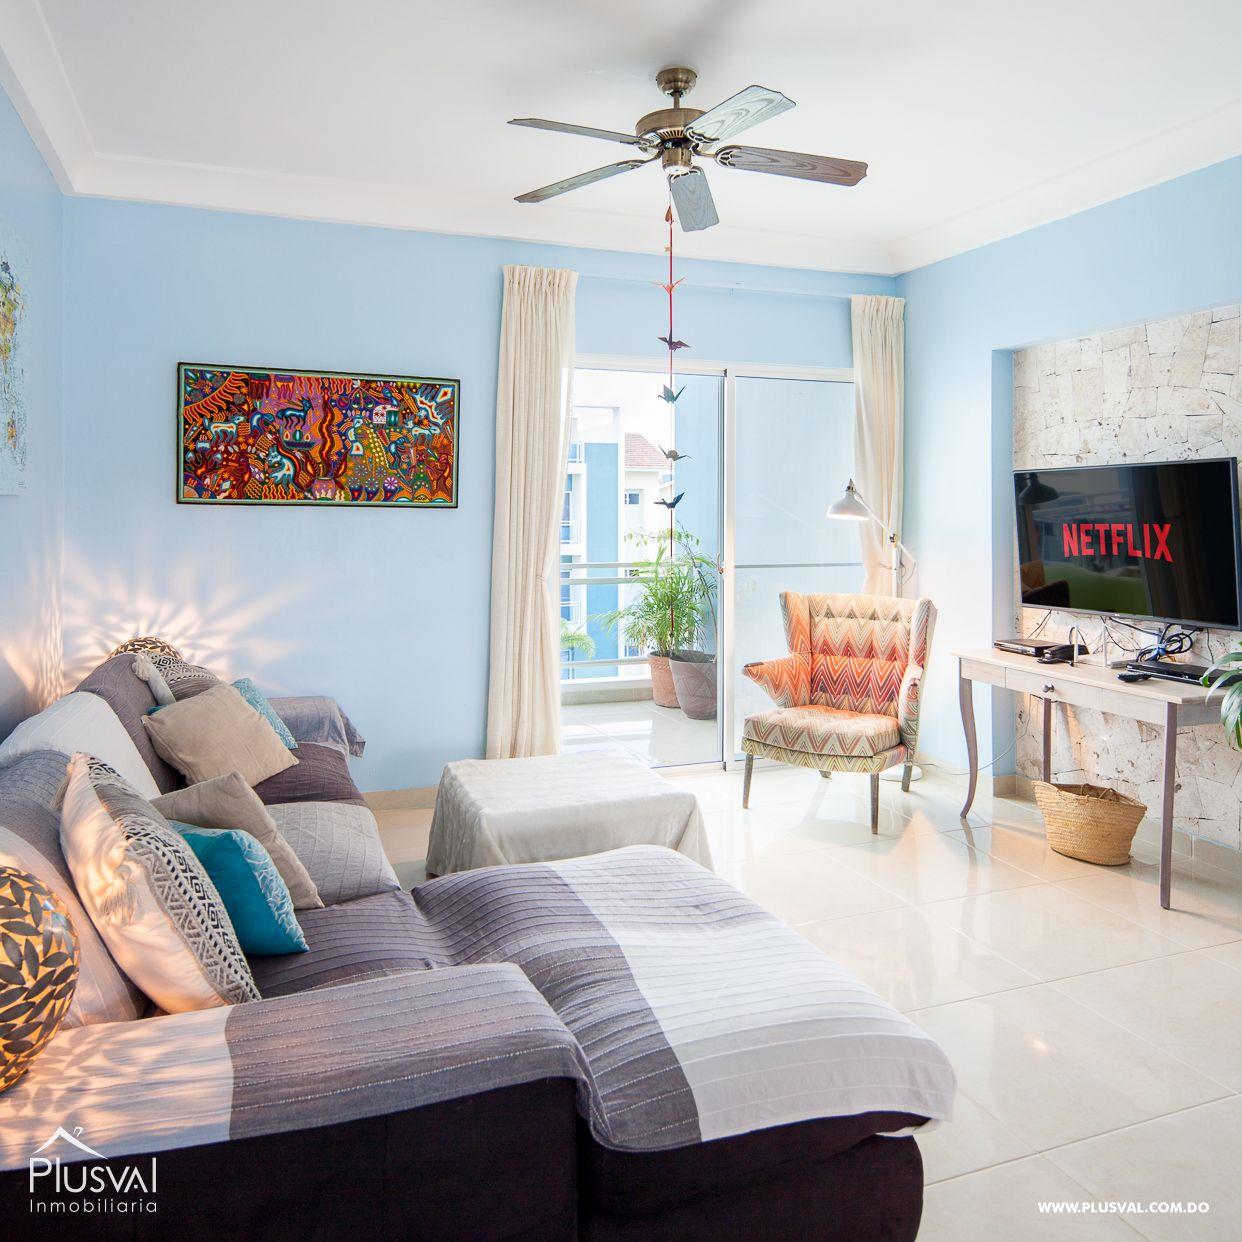 Apartamento Totalmente equipado en Venta en Complejo Turistico de 2 Habitaciones. 150935